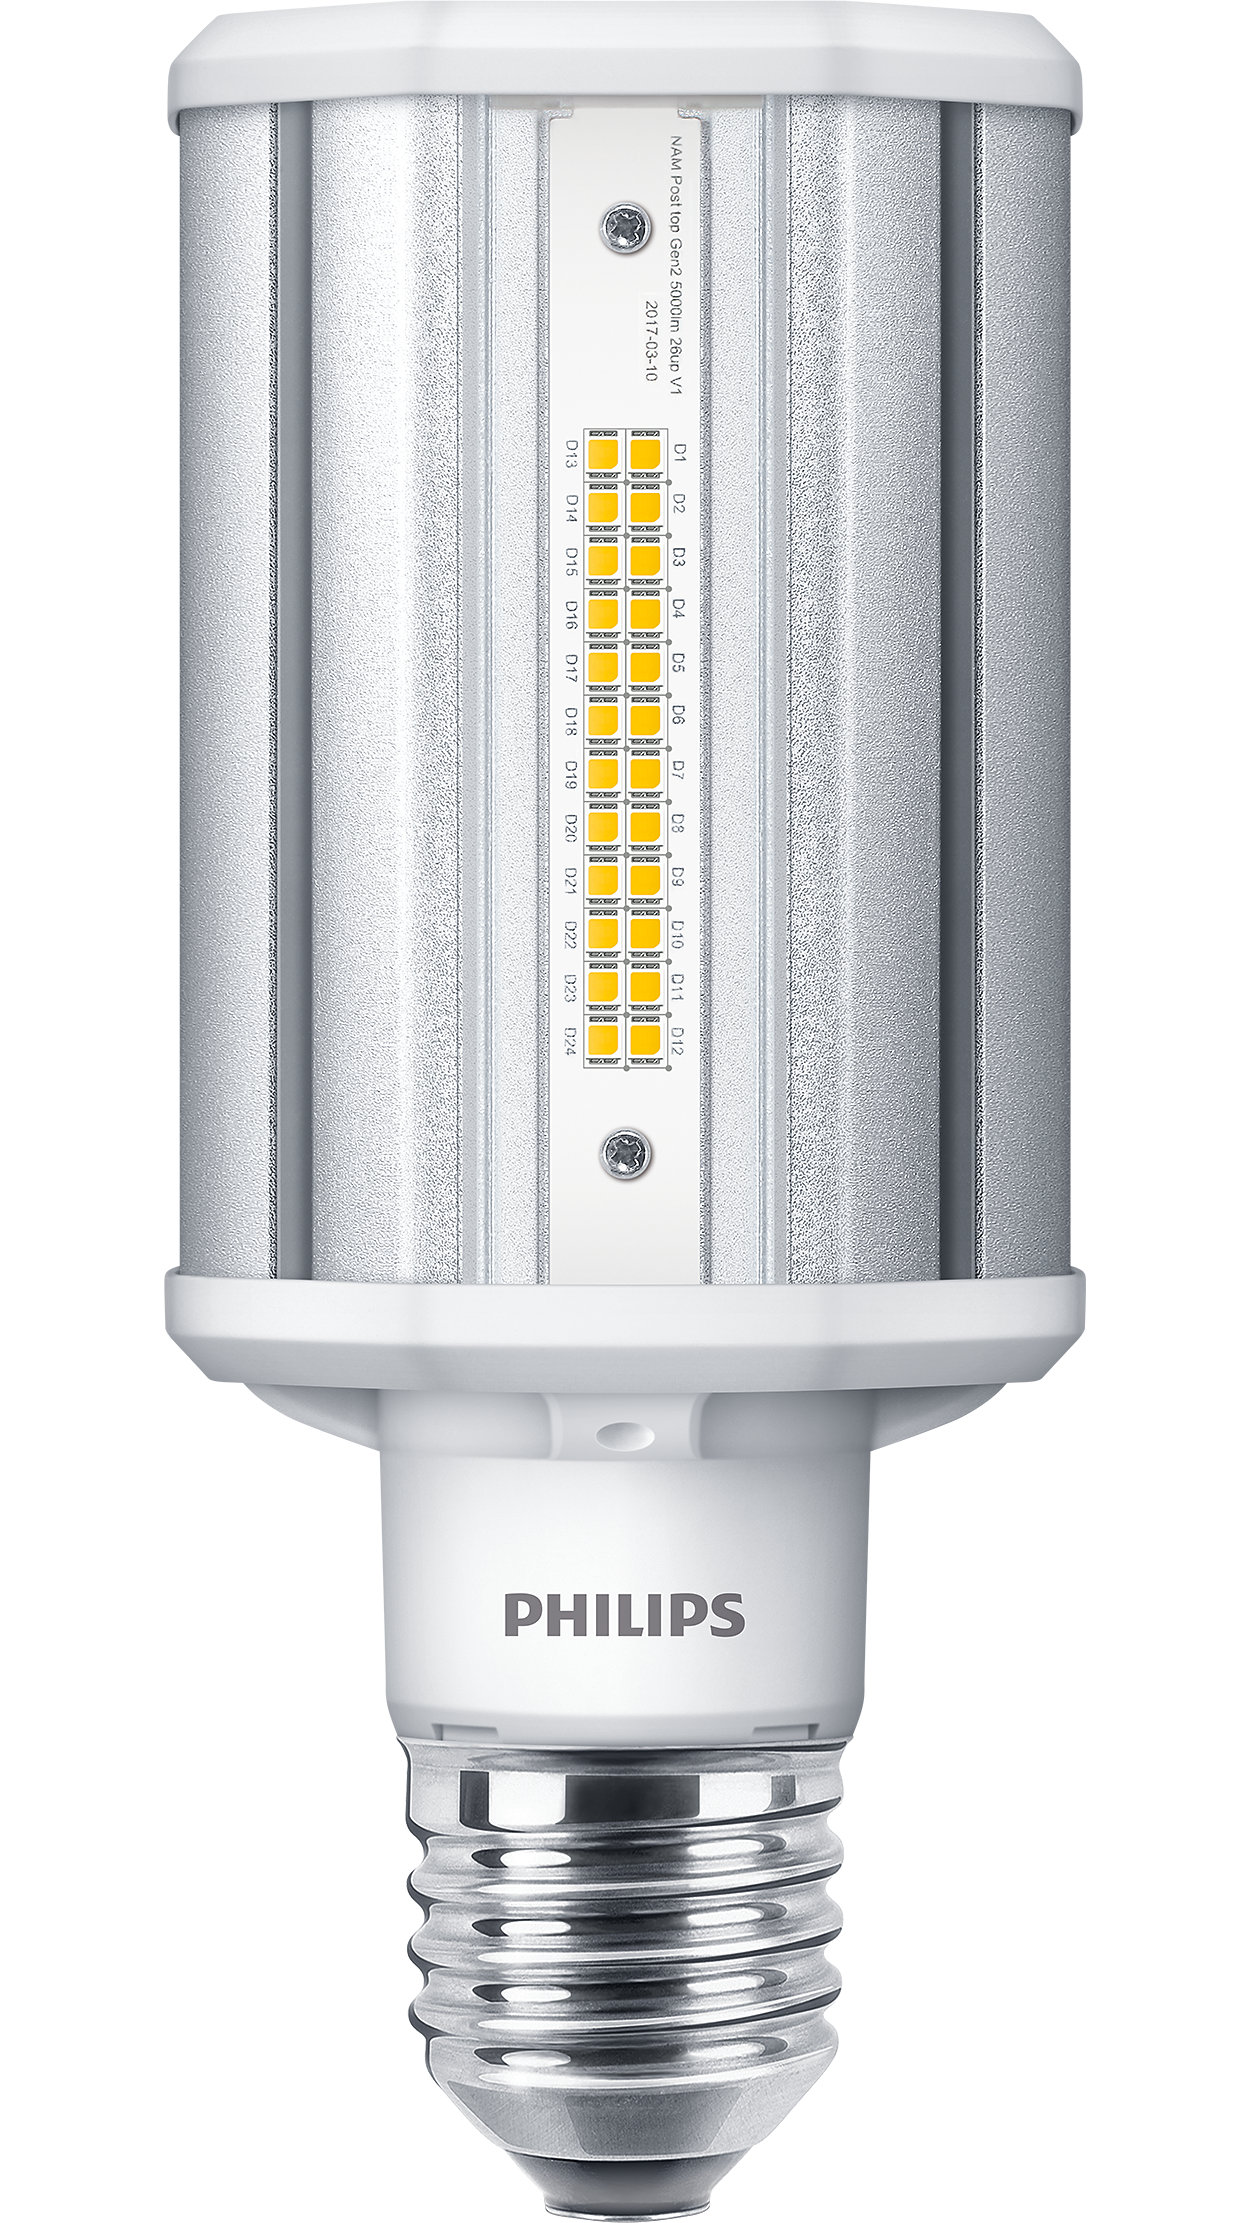 La solución LED de baja inversión inicial proporciona ahorros instantáneos mientras que mantenés tu singularidad